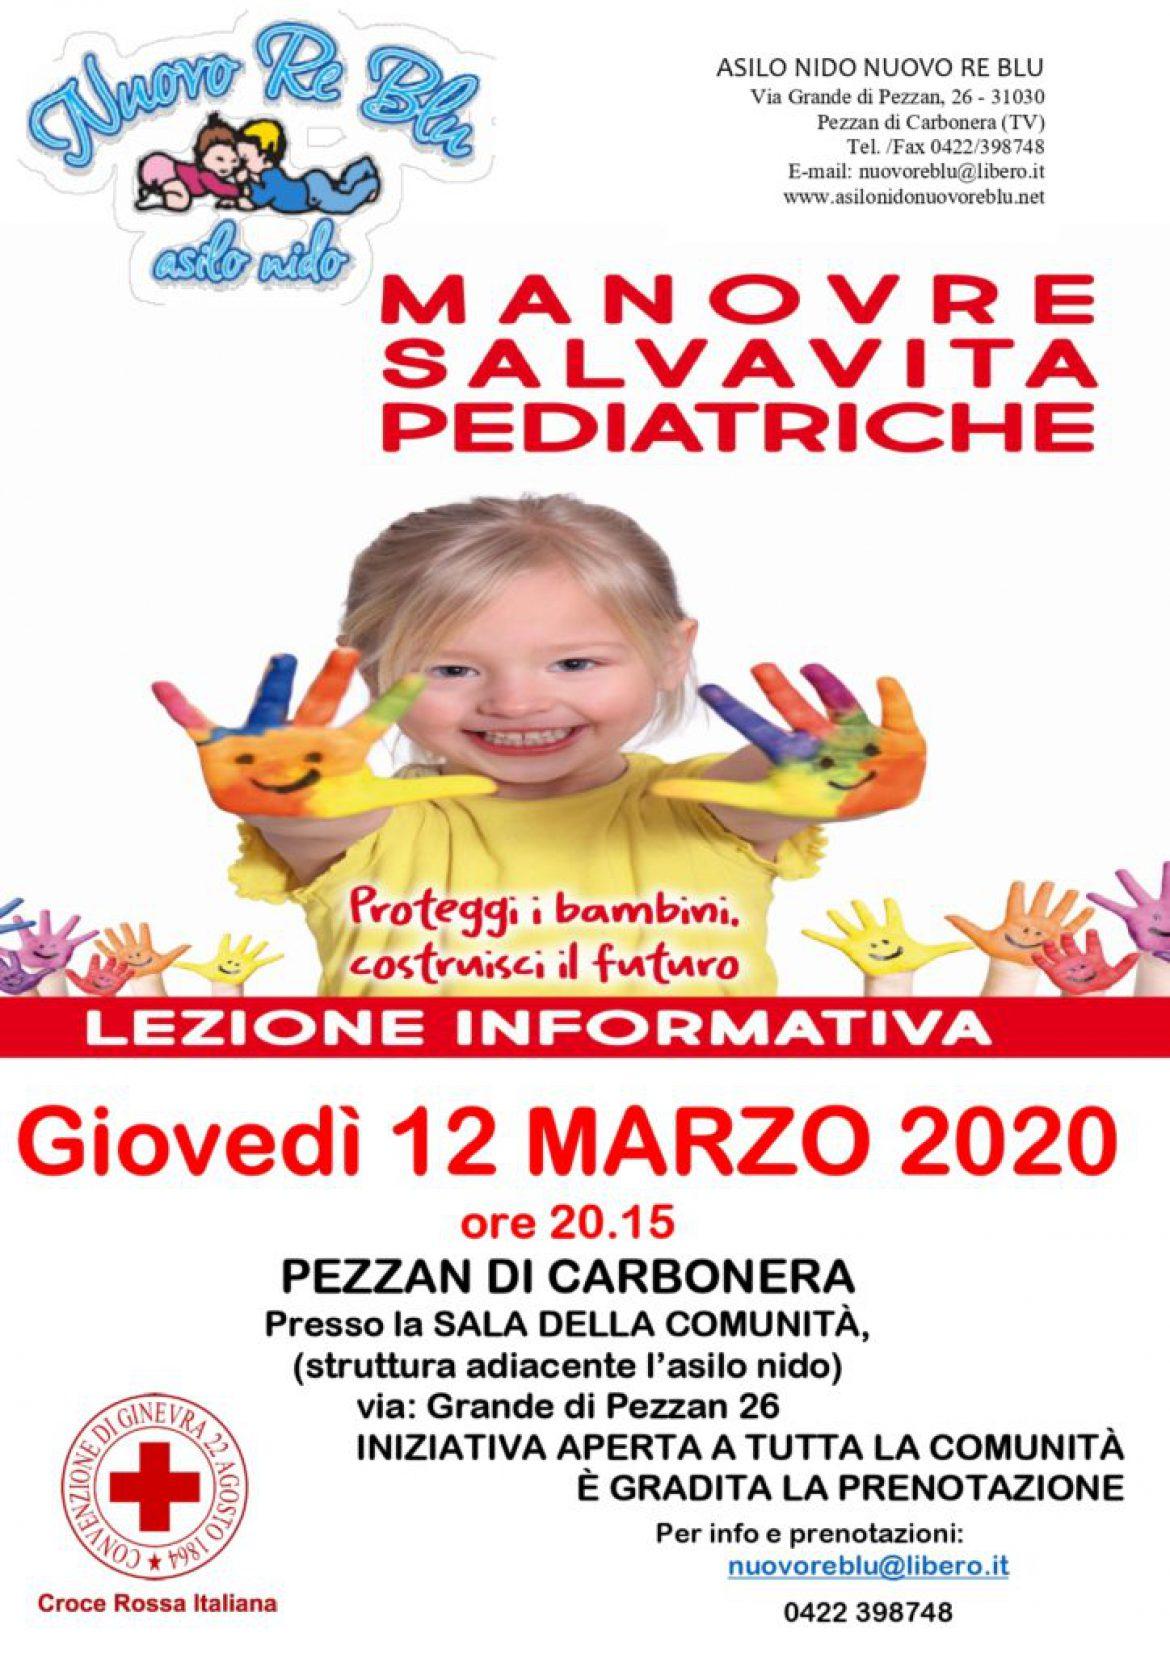 Lezione informativa Manovre Disostruzione Pediatrica e Sonno Sicuro